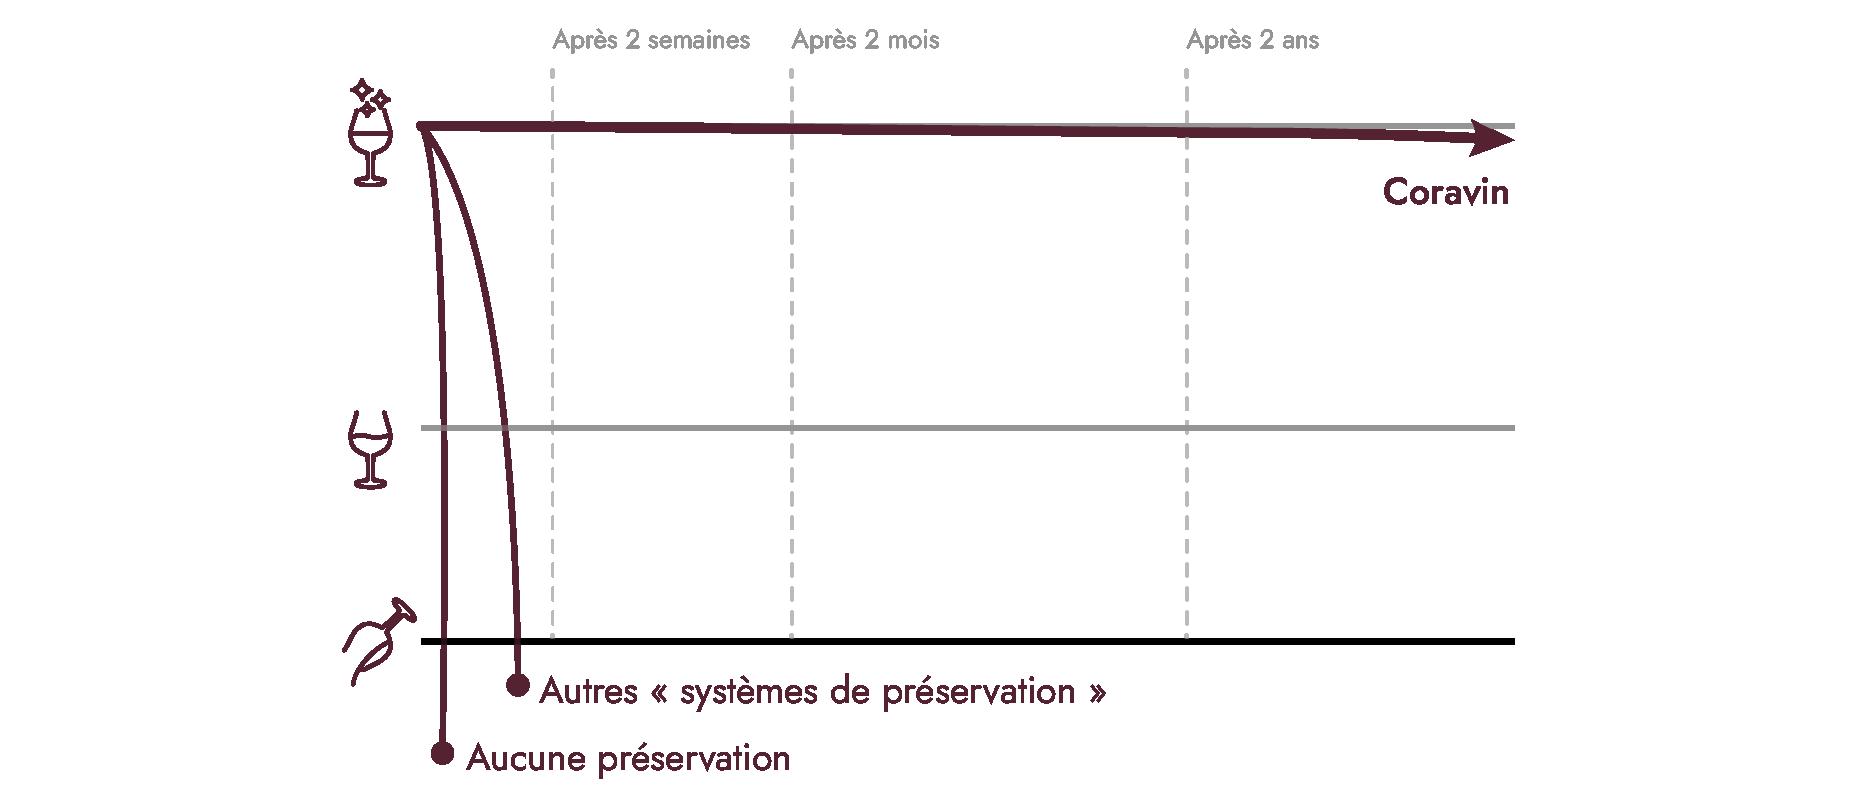 Graphique qui montre la durée de préservation du vin Coravin par rapport à d'autres solutions.